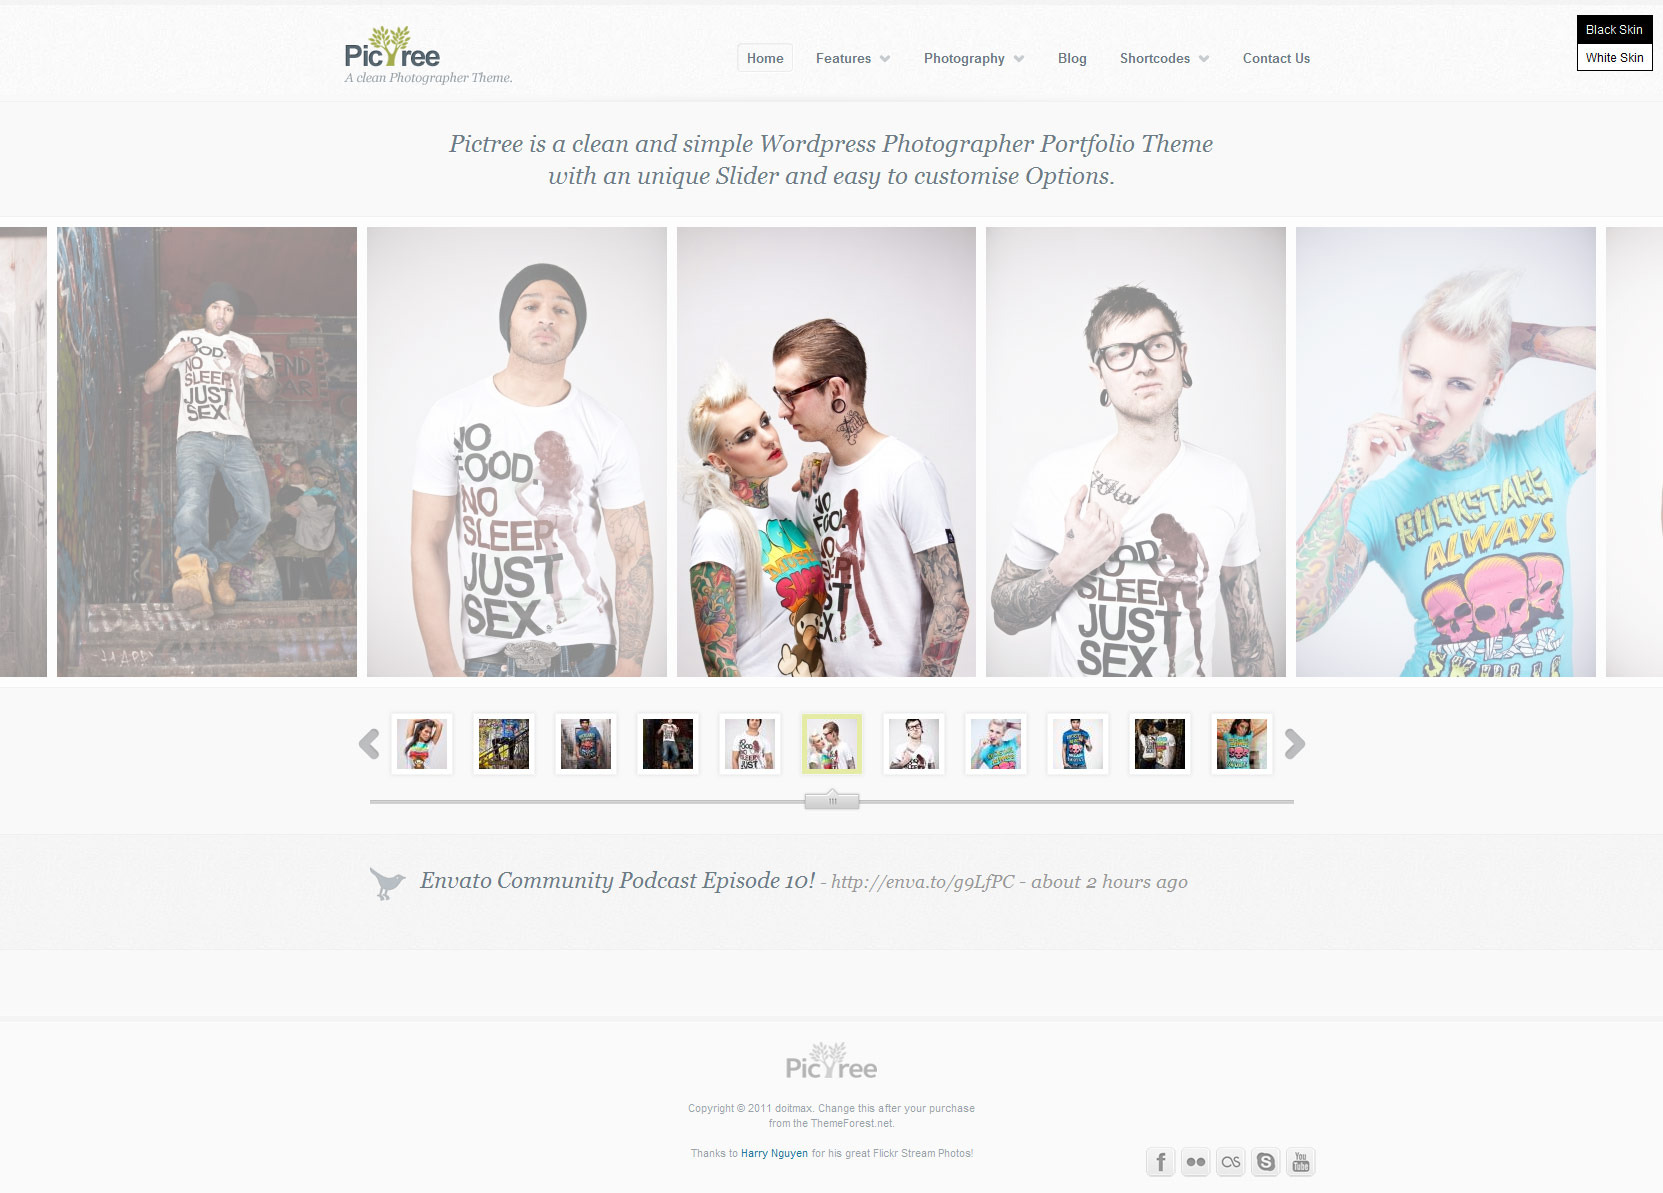 http://2.s3.envato.com/files/45845551/Screenshot01.jpg